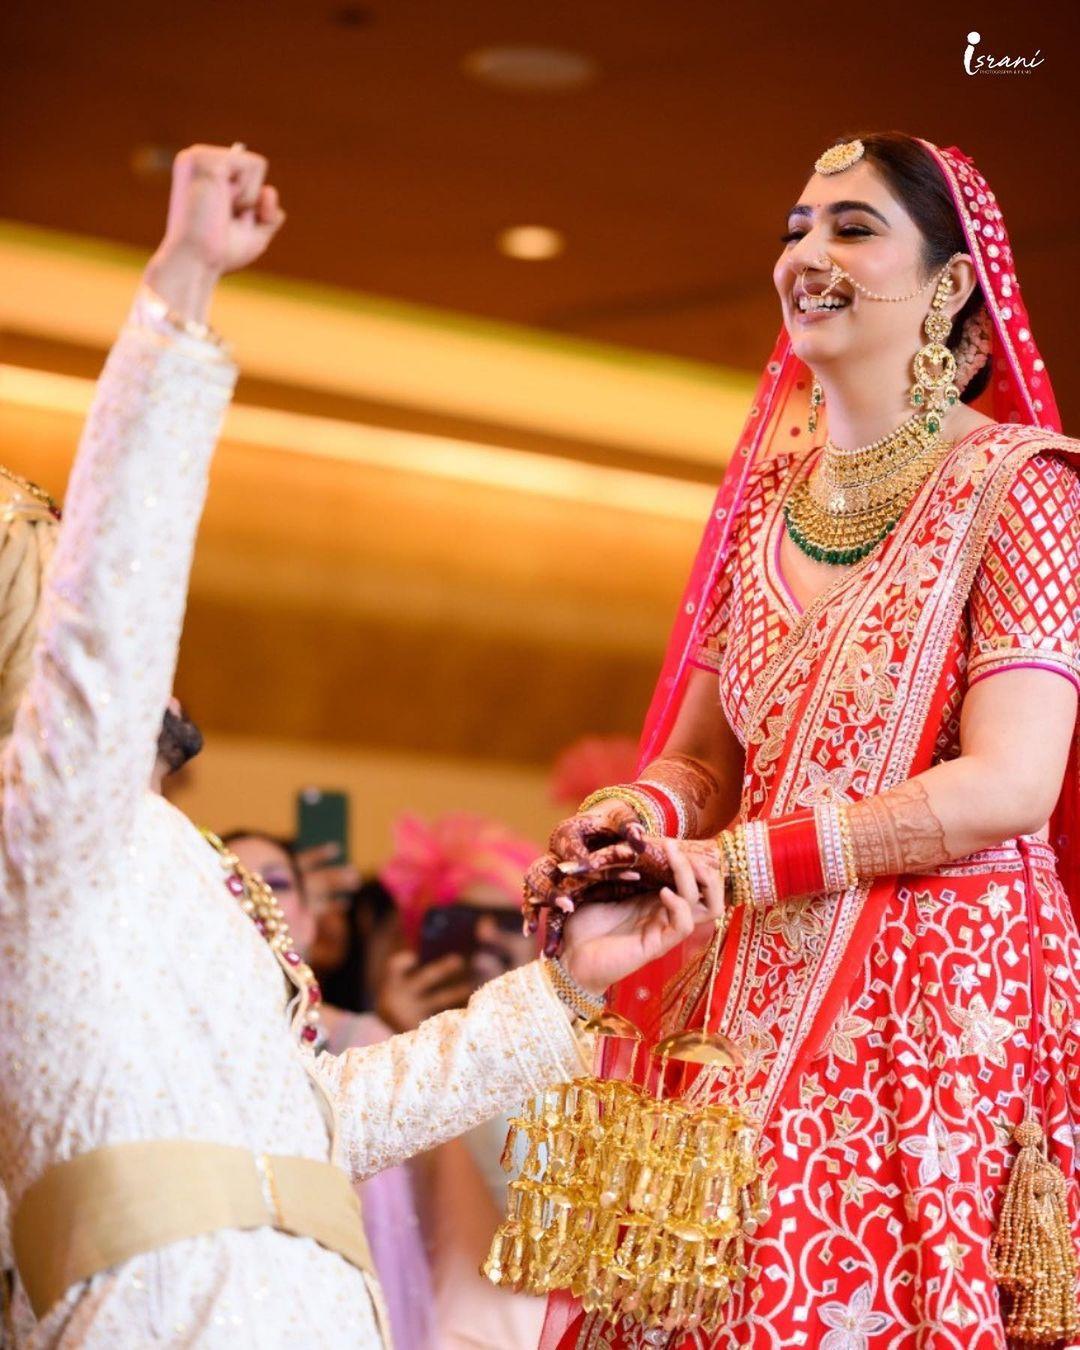 rahul and disha